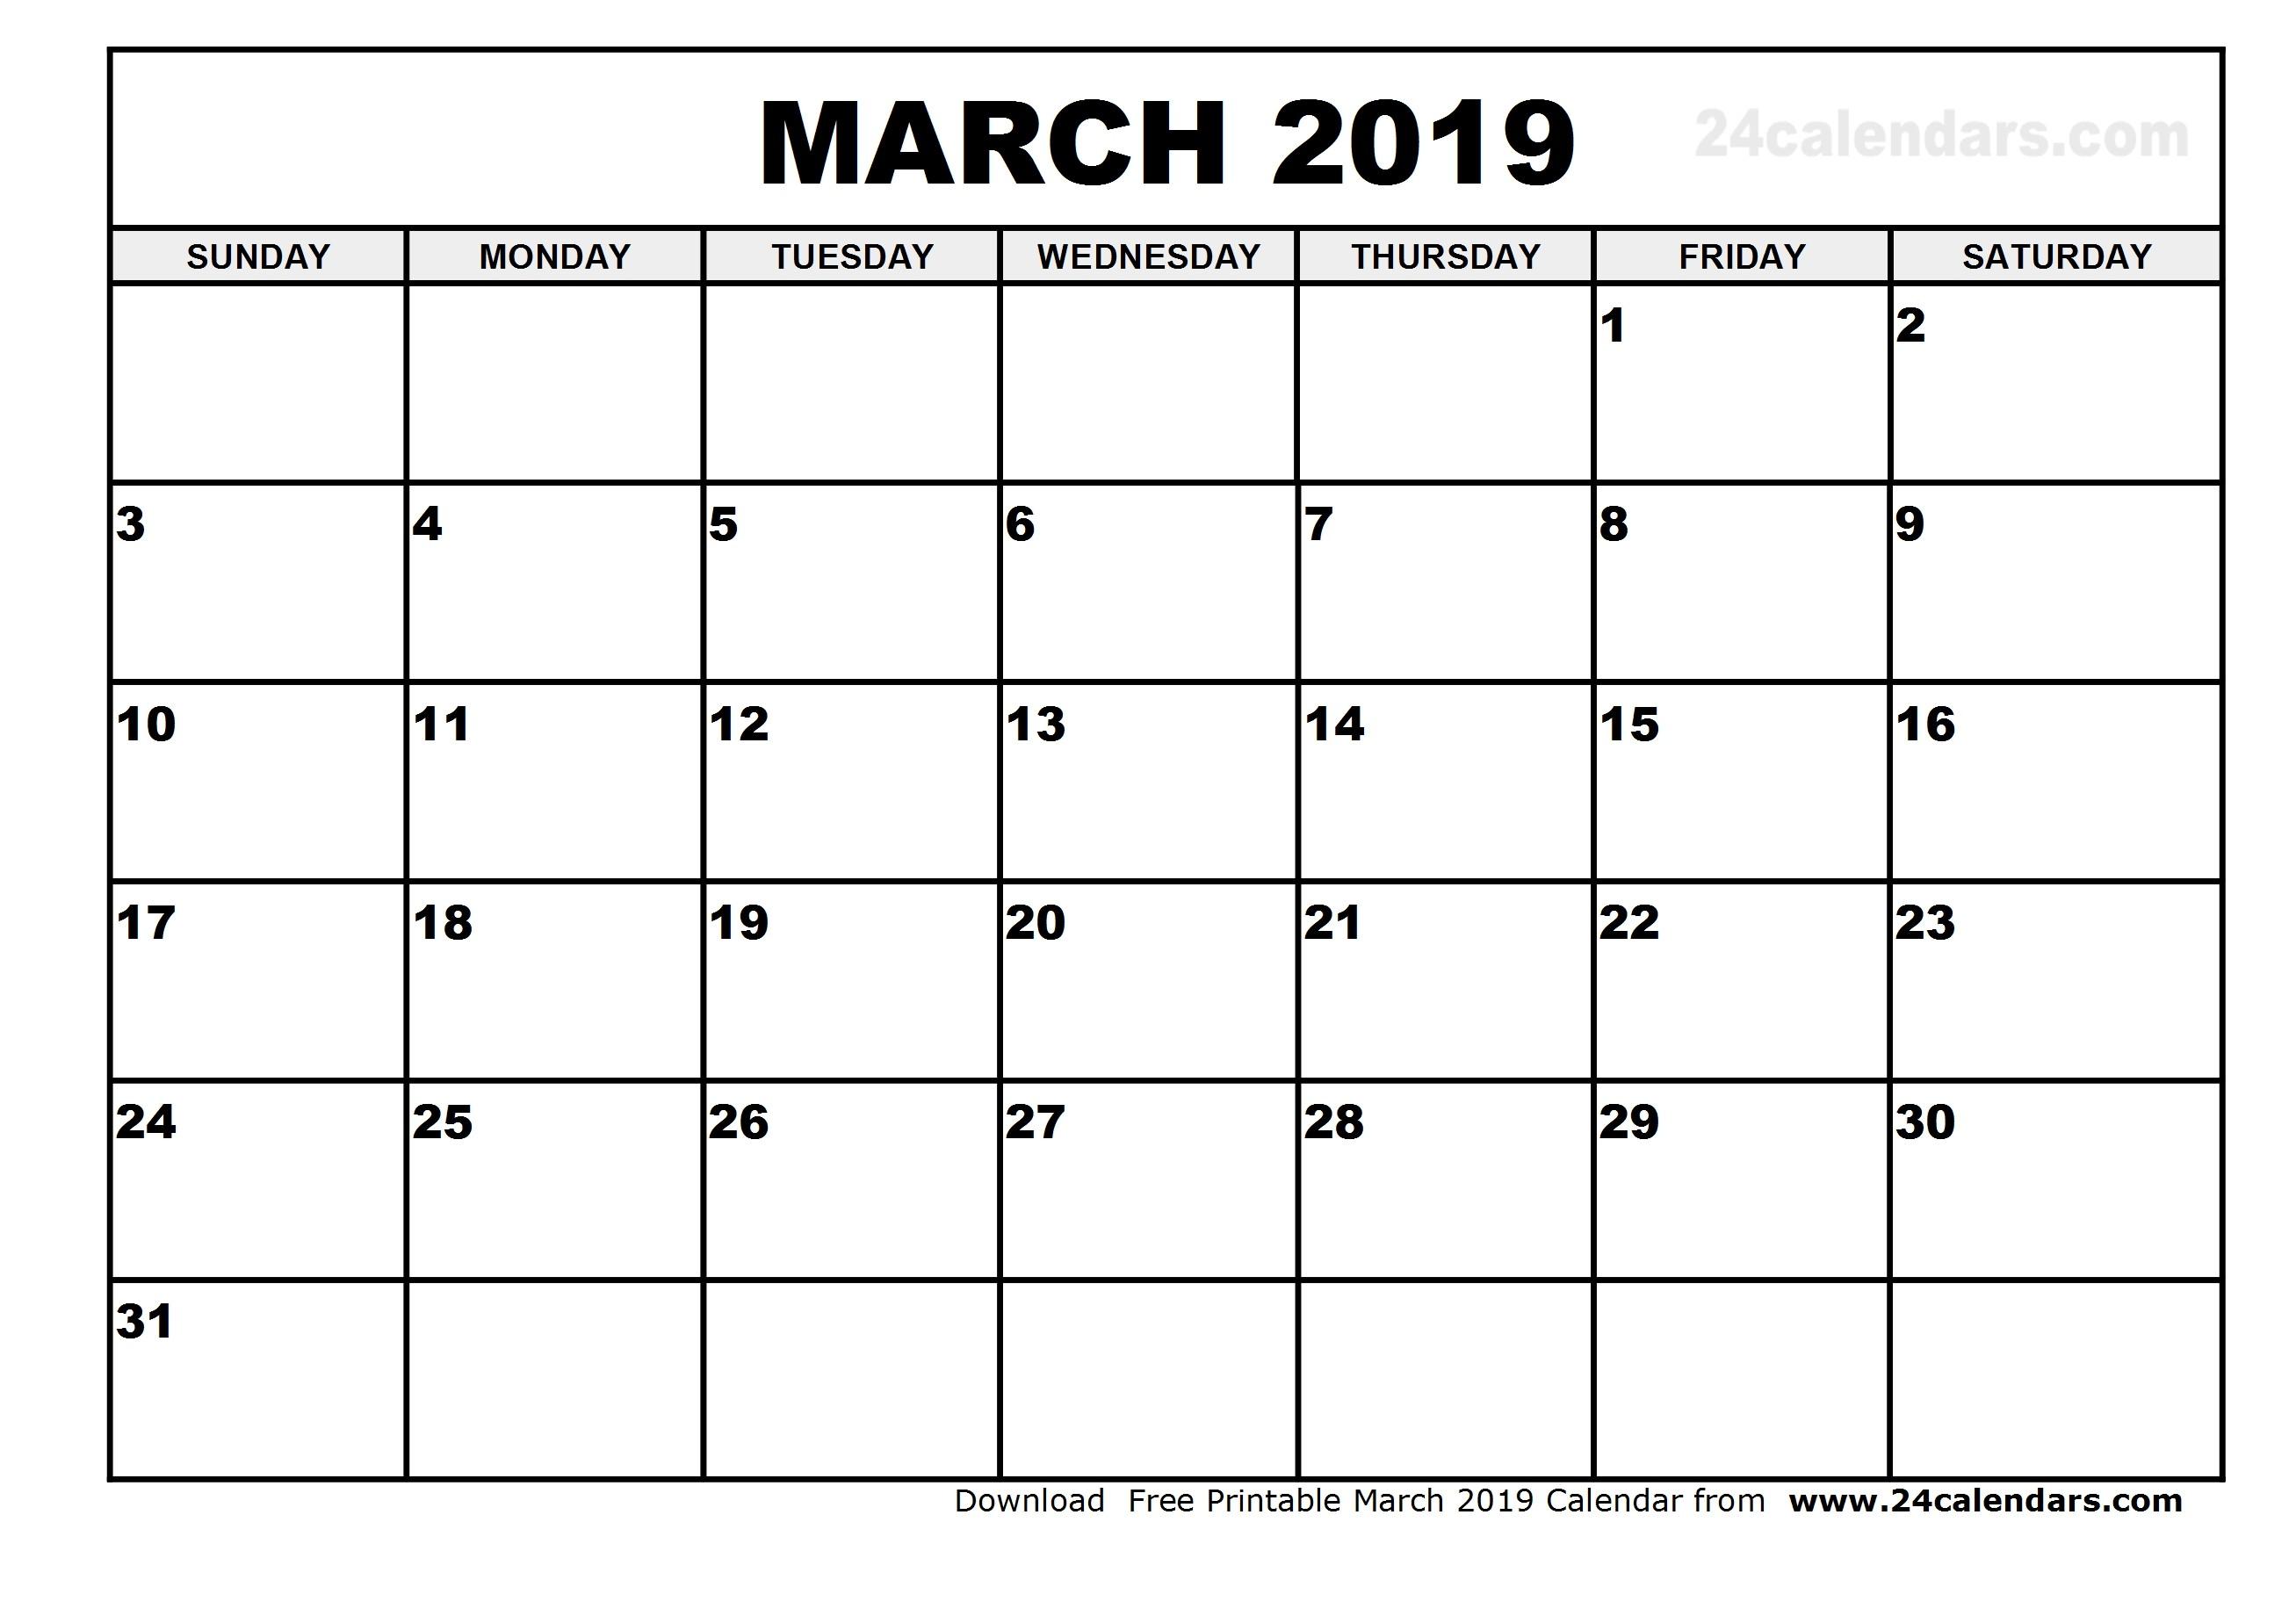 Calendario Pis 2018 Ou 2019 Más Arriba-a-fecha June 2019 Printable Pregnancy Calendar Template Lovely Baby Of Calendario Pis 2018 Ou 2019 Más Populares 2018 Printable Calendar Pdf Fresh June 2019 Printable Calendar – the